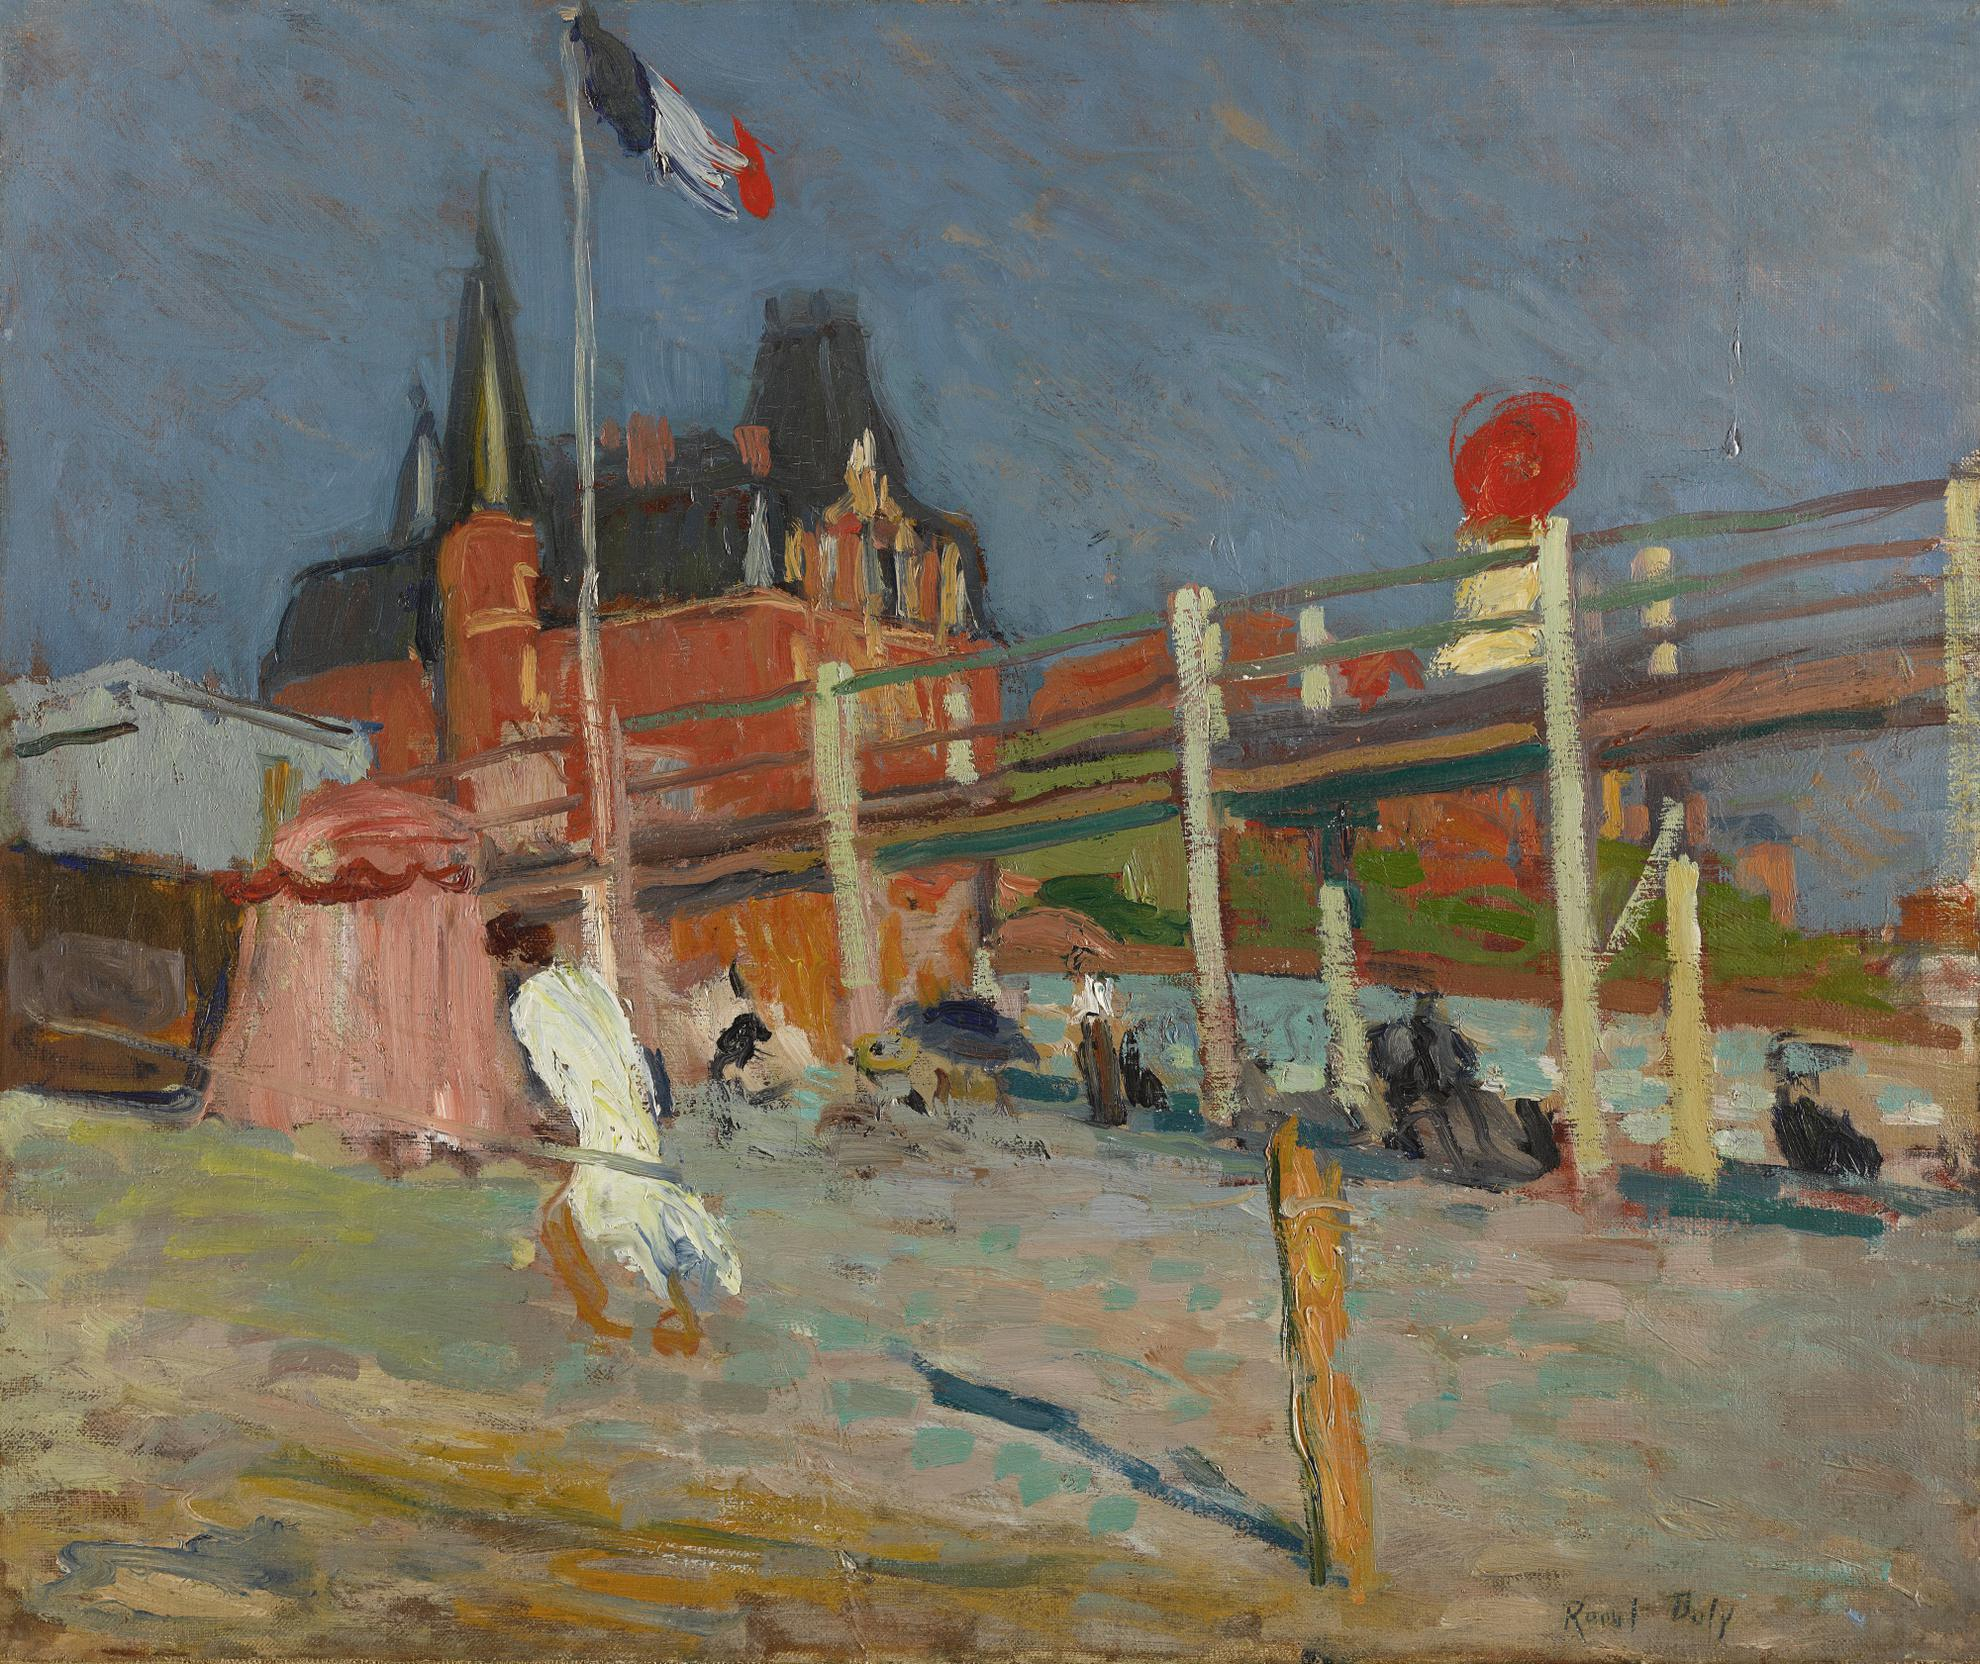 Raoul Dufy-La Plage De Sainte-Adresse-1906